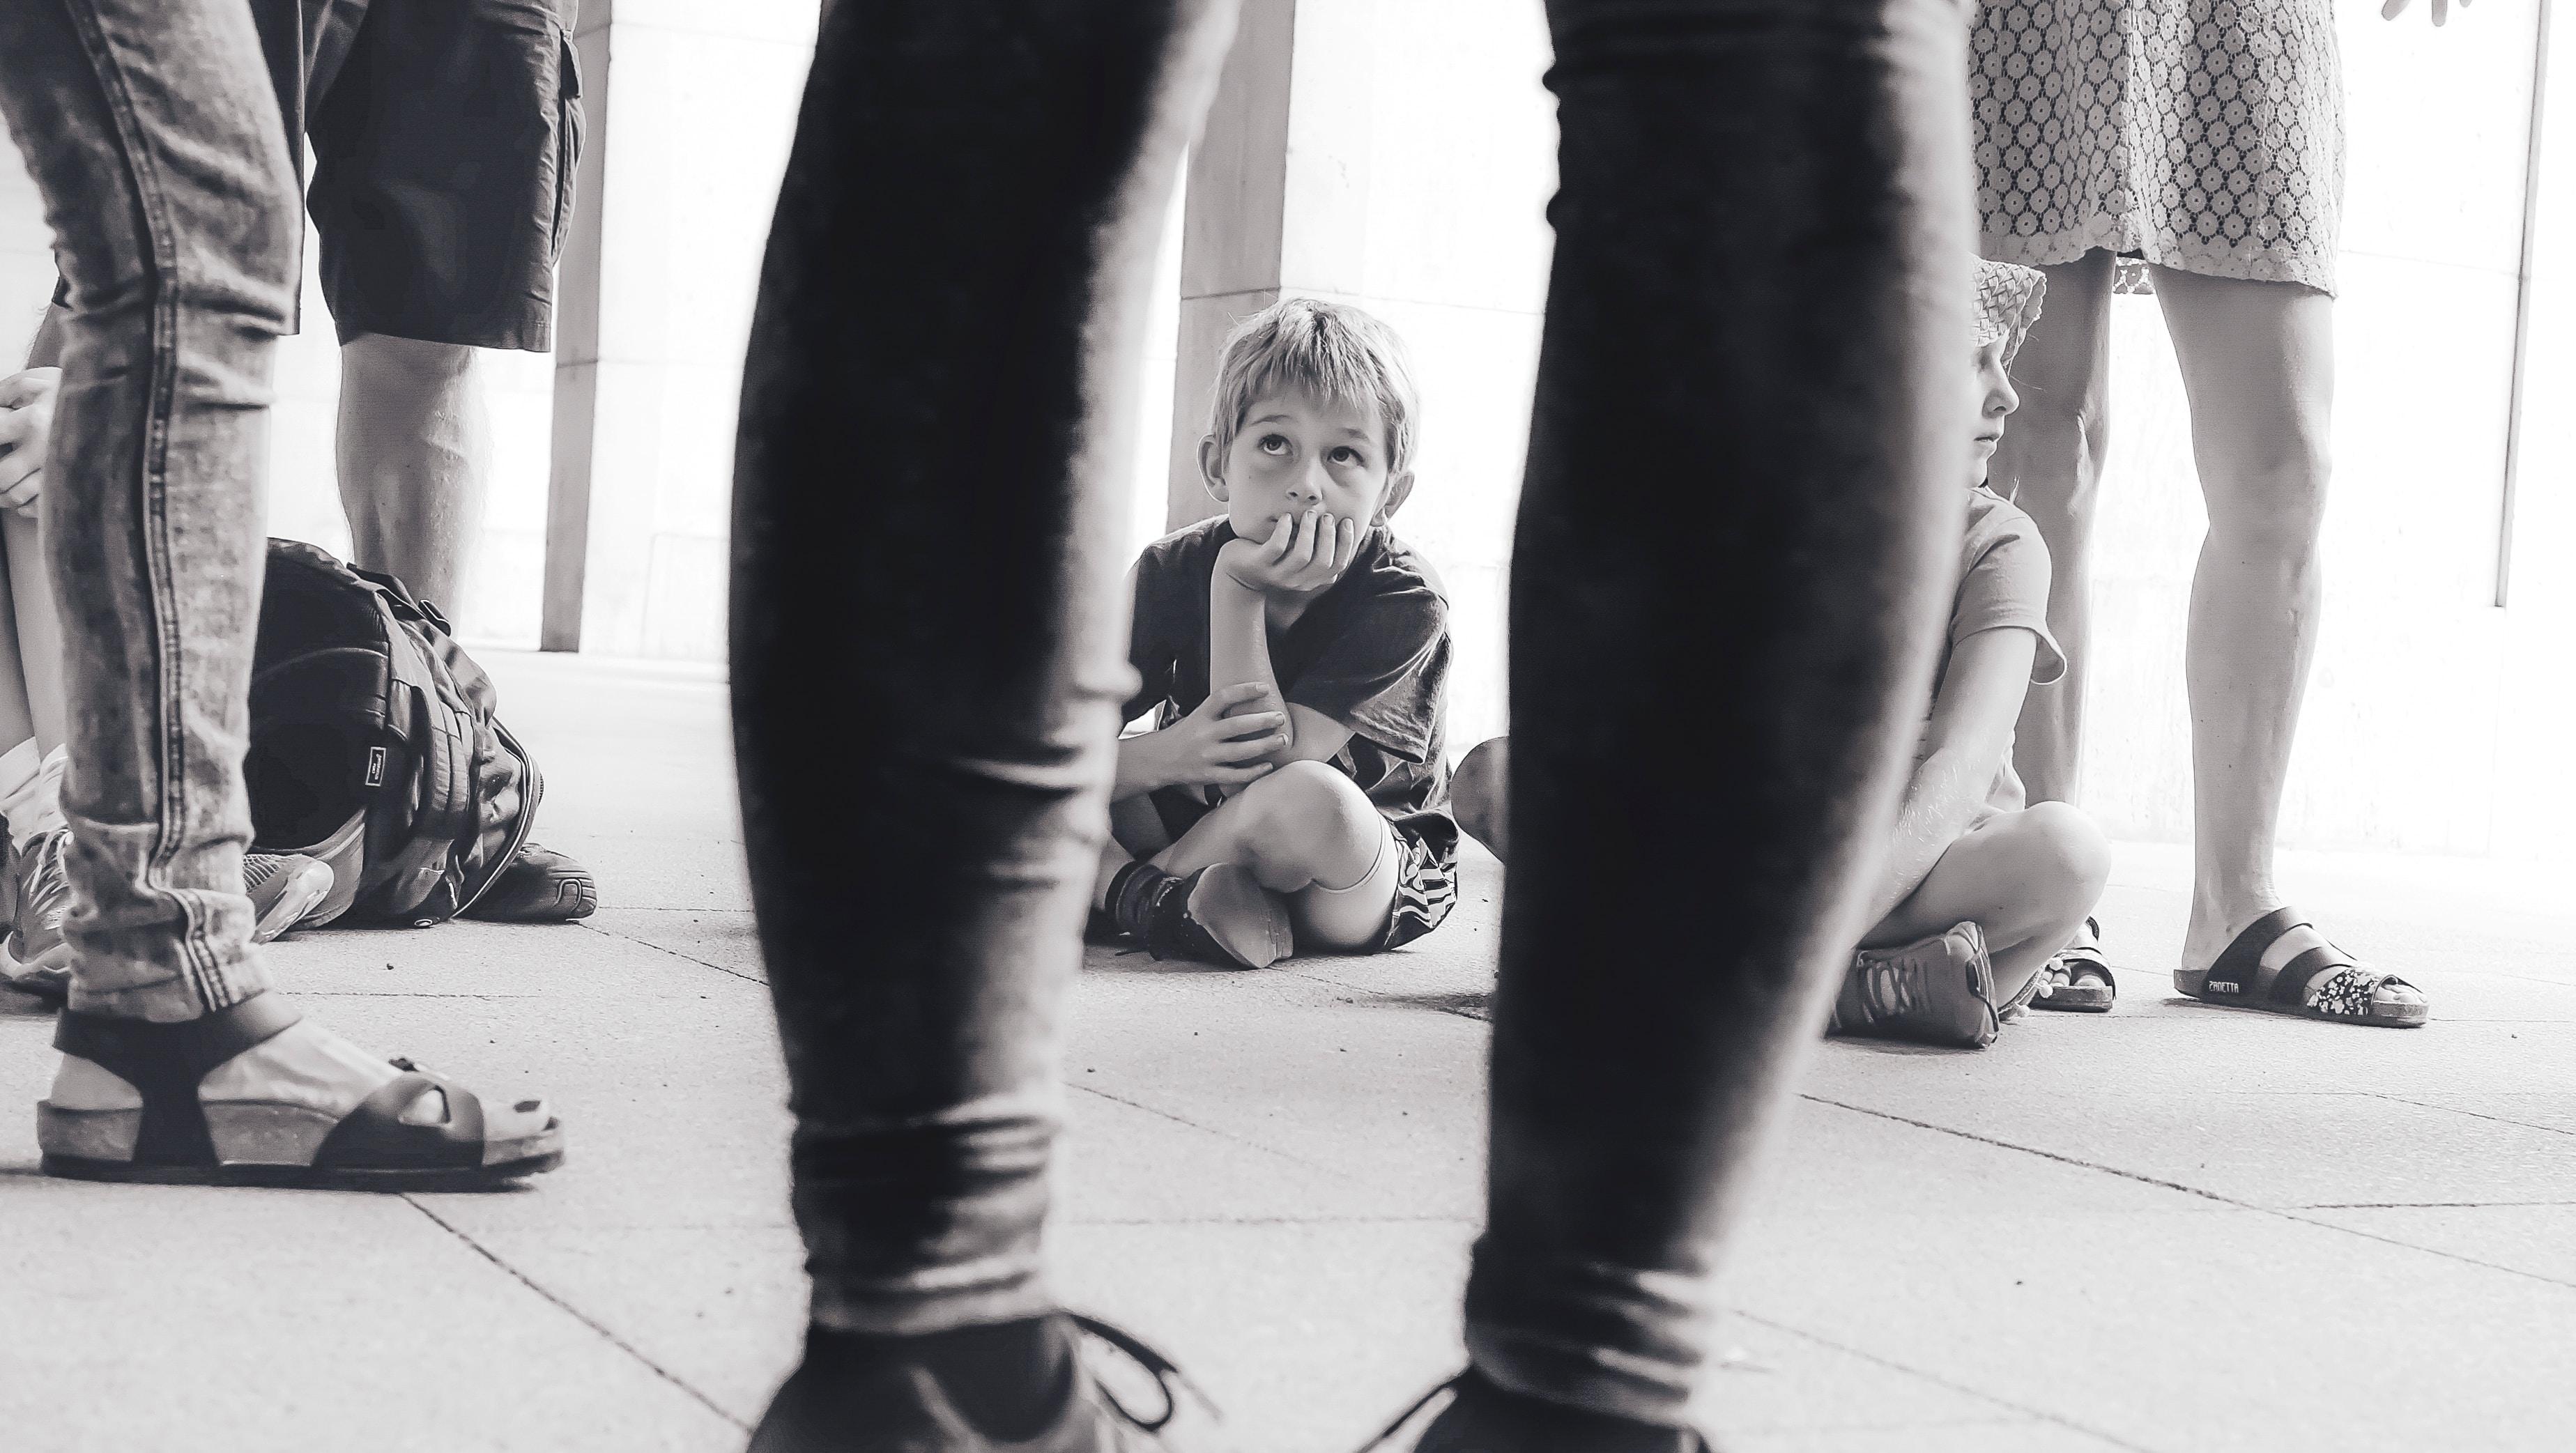 Sitzendes Kind blickt auf zu Umstehenden